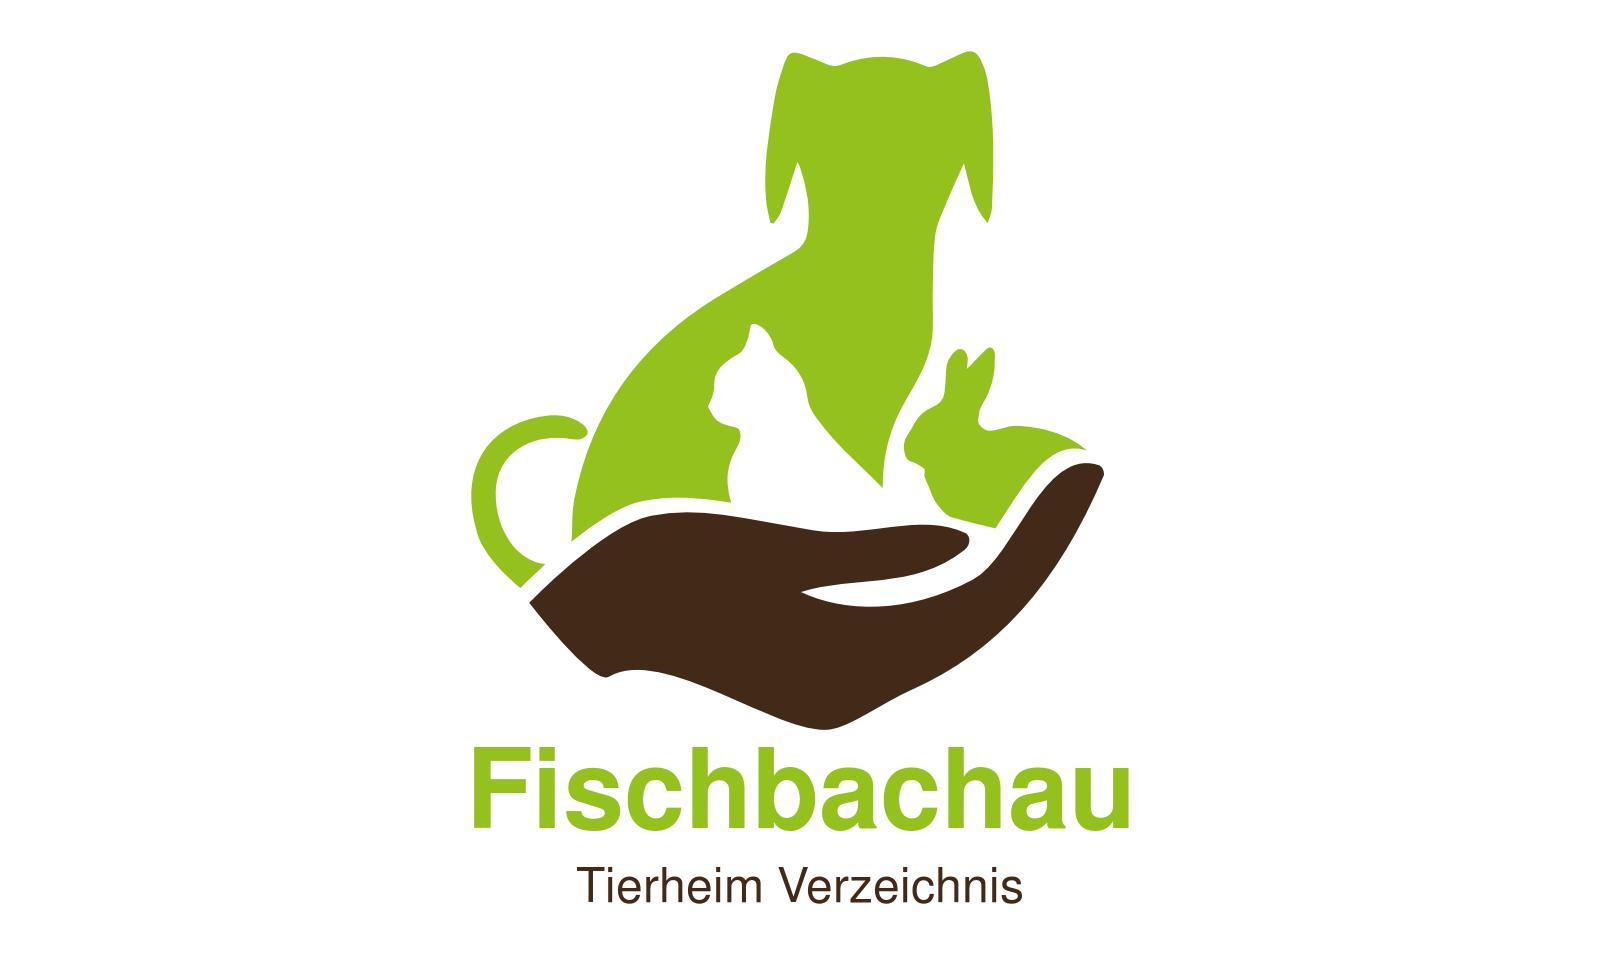 Tierheim Fischbachau